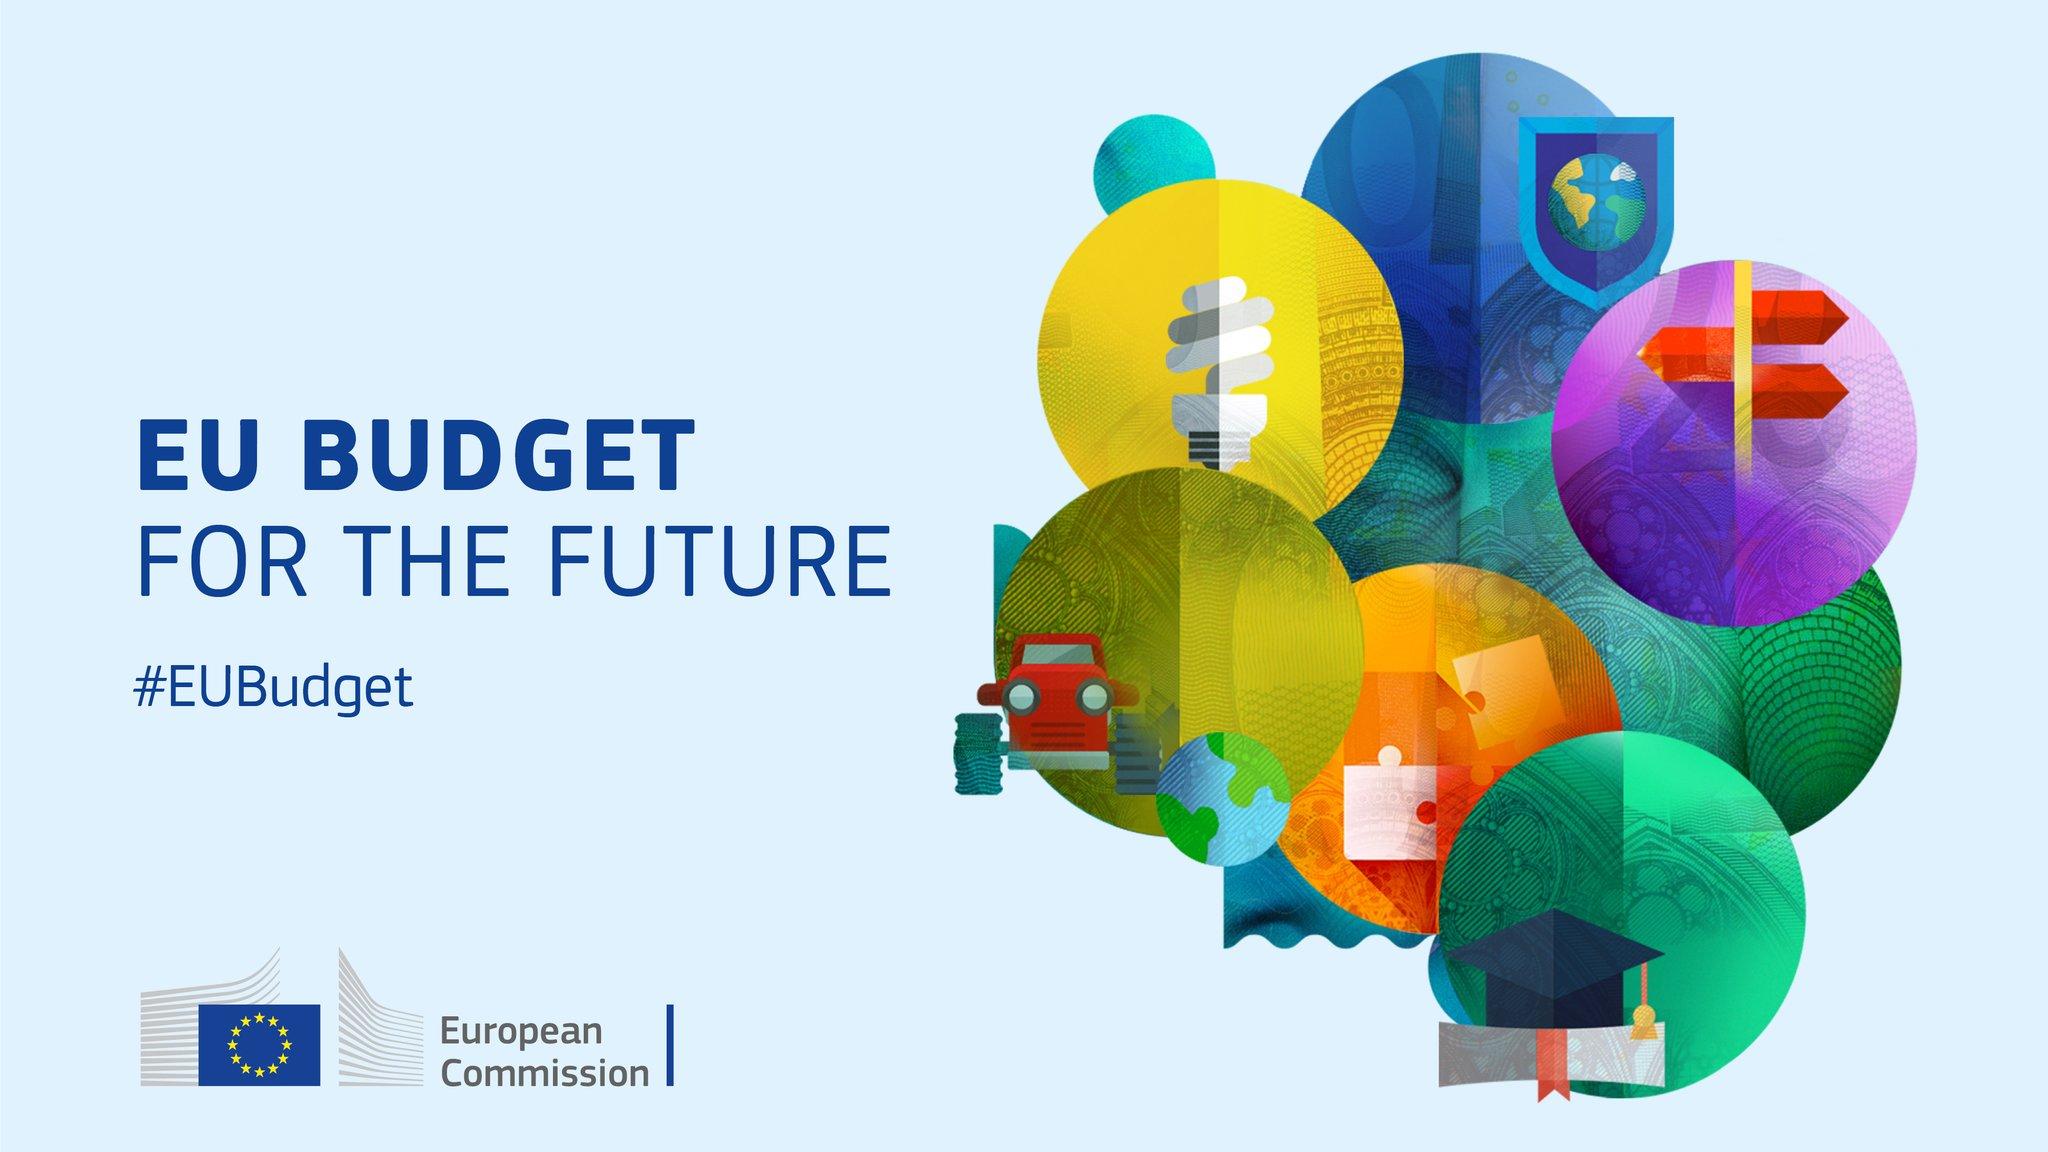 commissione-europea-proposta-di-bilancio-per-il-periodo-2021-2027